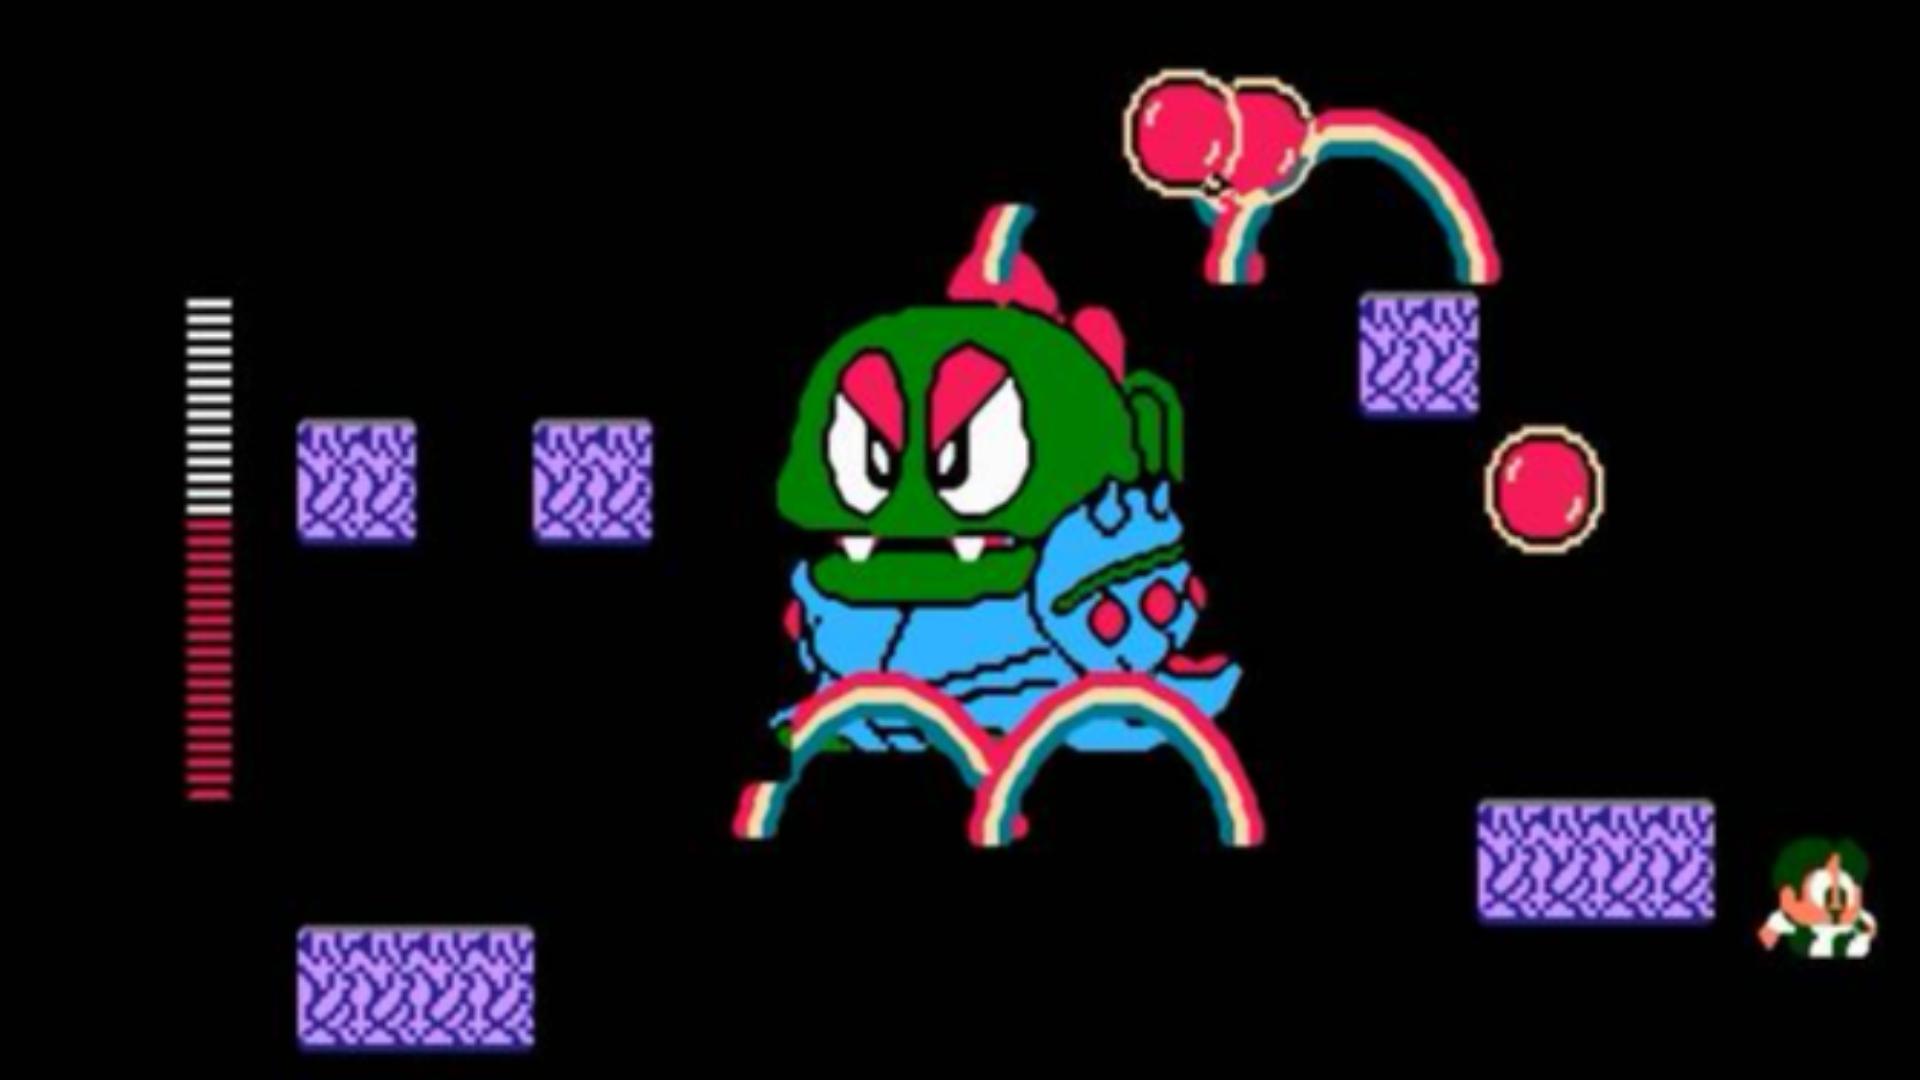 游戏史上最具创意的攻击方式,彩虹岛和它背后的故事